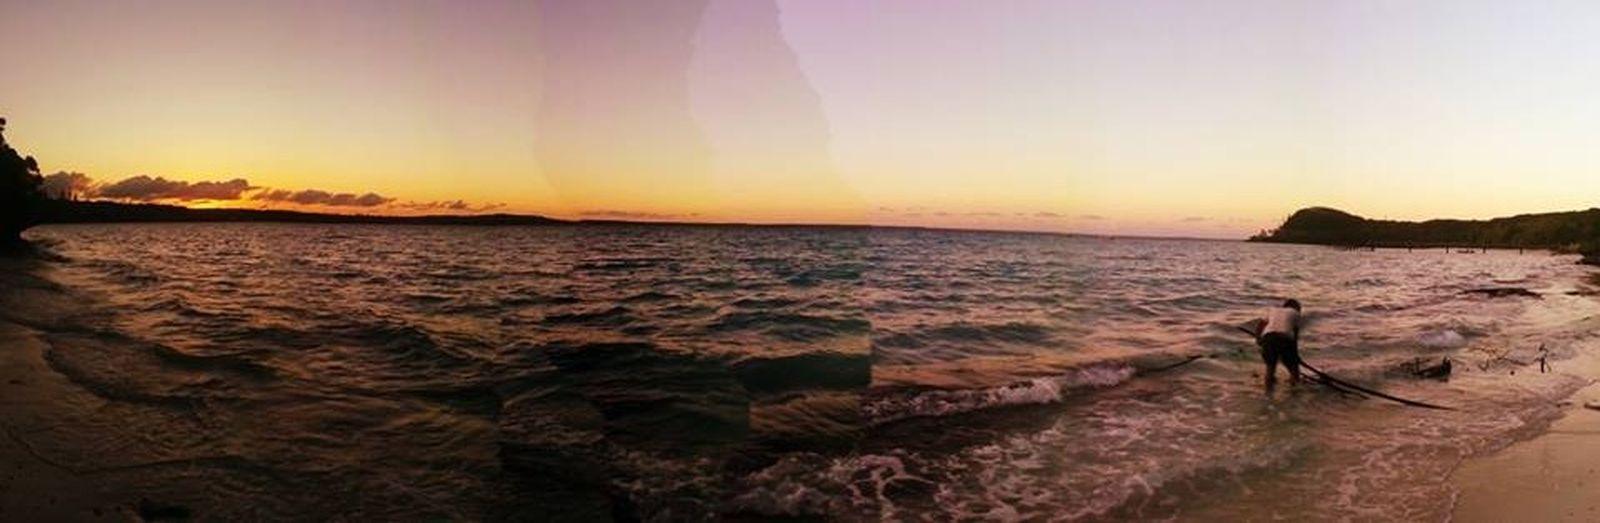 Sunset Silhouettes Lifou Drehu Newcal Newcaledonia Sunset Morning